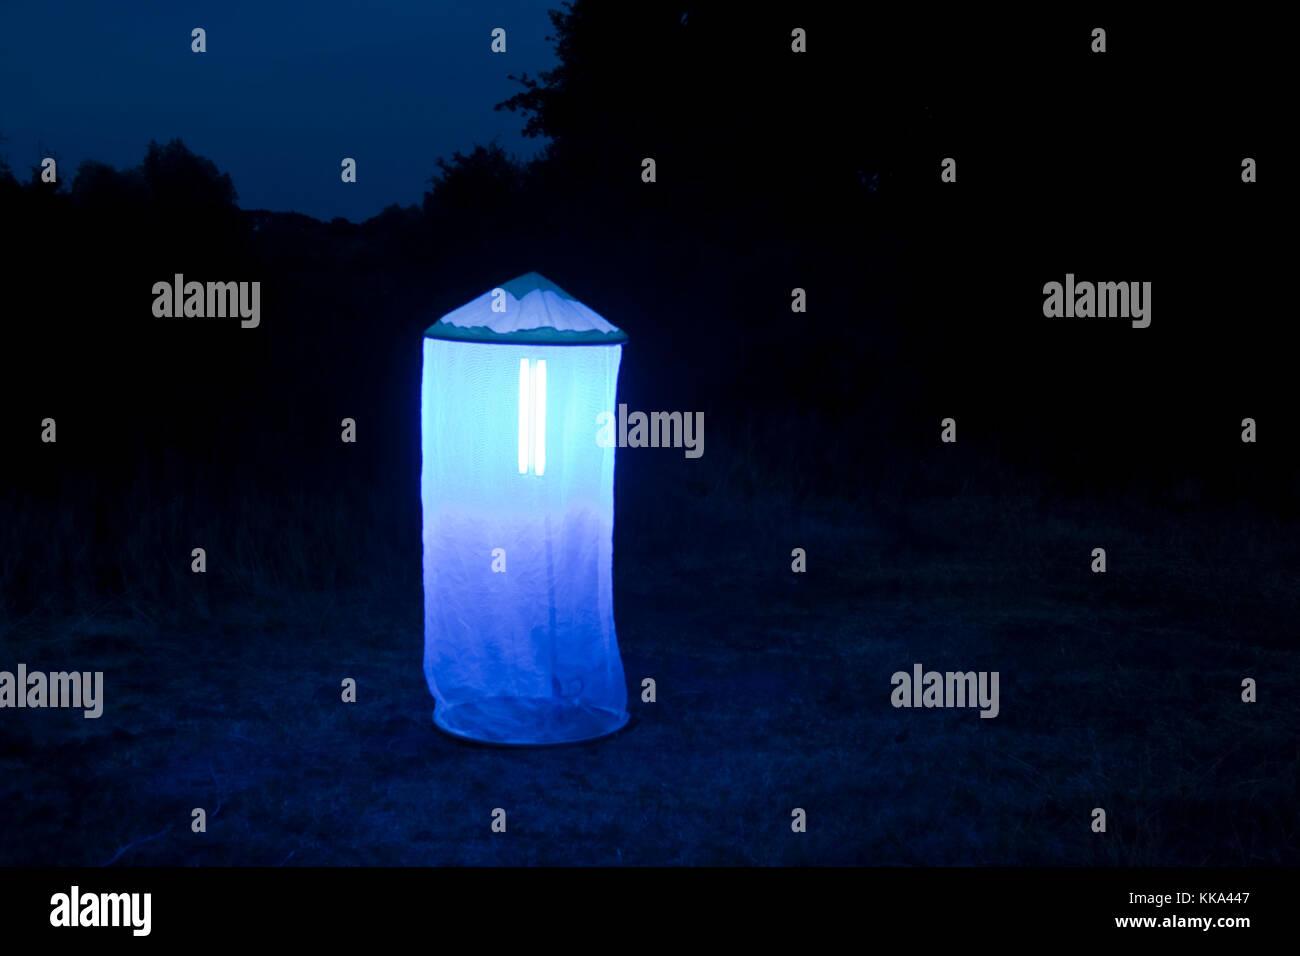 Nachts lockt aufgebautes leuchtzelt Nacht - Schmetterlinge und andere kämpfen ein, Leuchten, Kartierung, henkes Stockbild